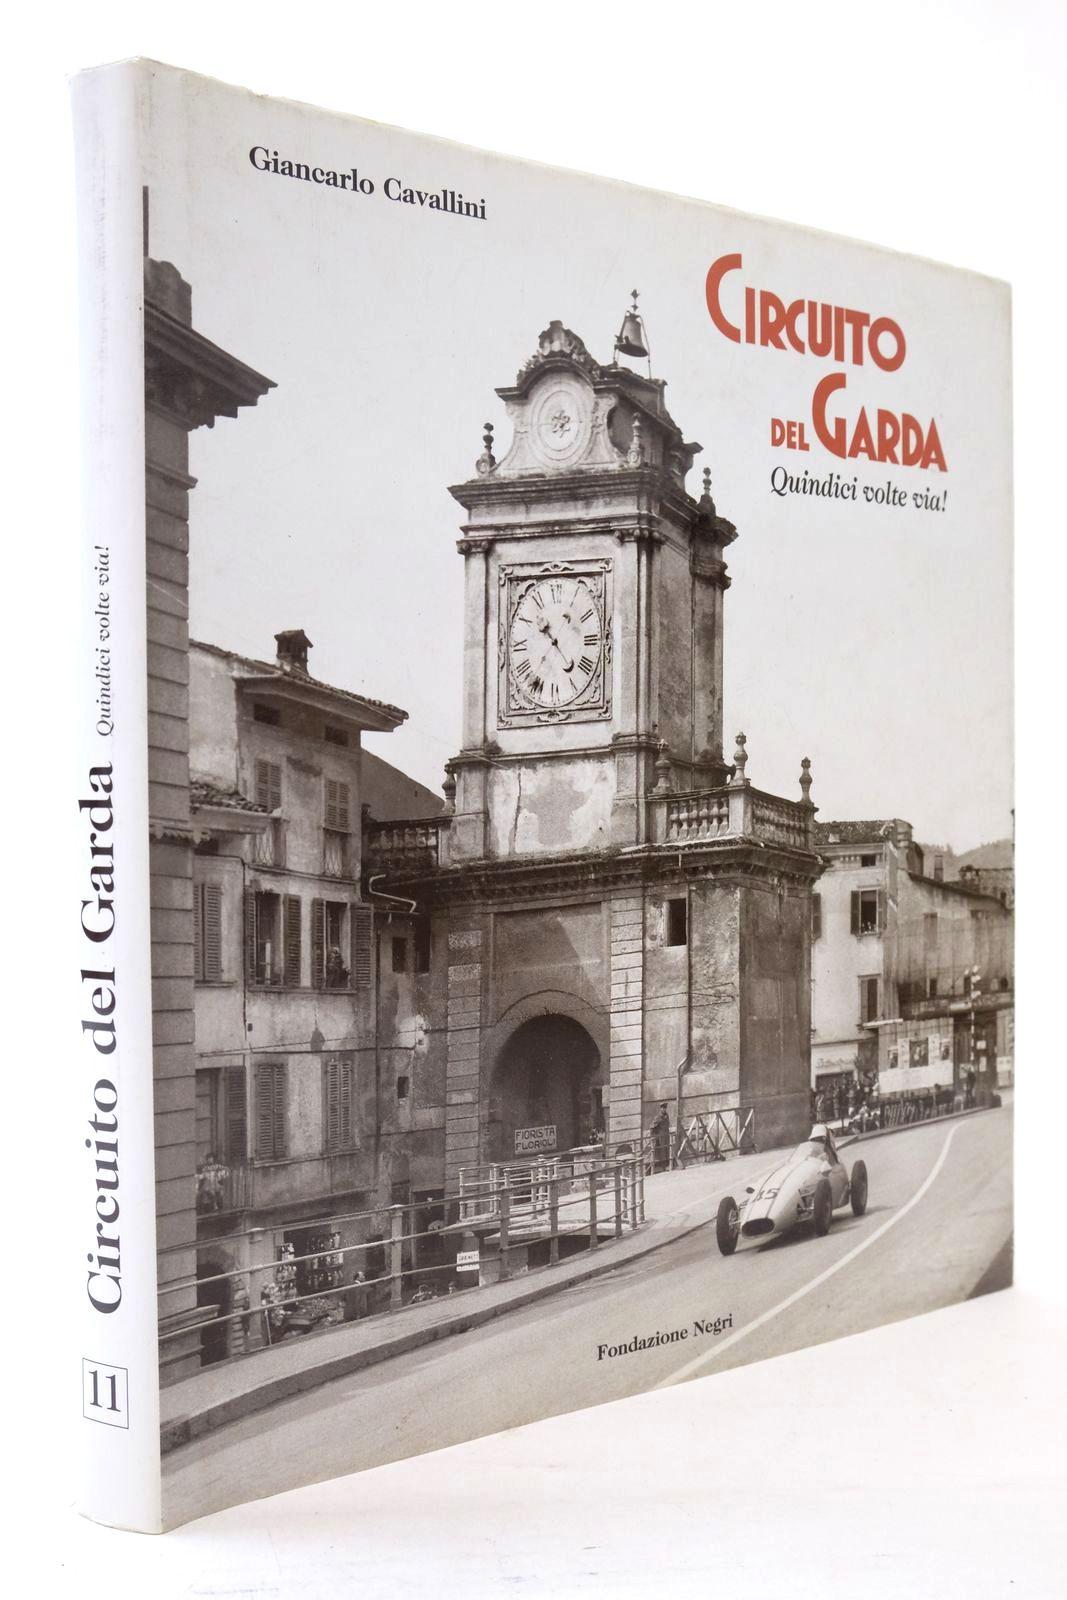 Photo of CIRCUITO DEL GARDA QUINDICI VOLTE VIA! written by Cavallini, Giancarlo published by Edizioni Negri (STOCK CODE: 2134655)  for sale by Stella & Rose's Books